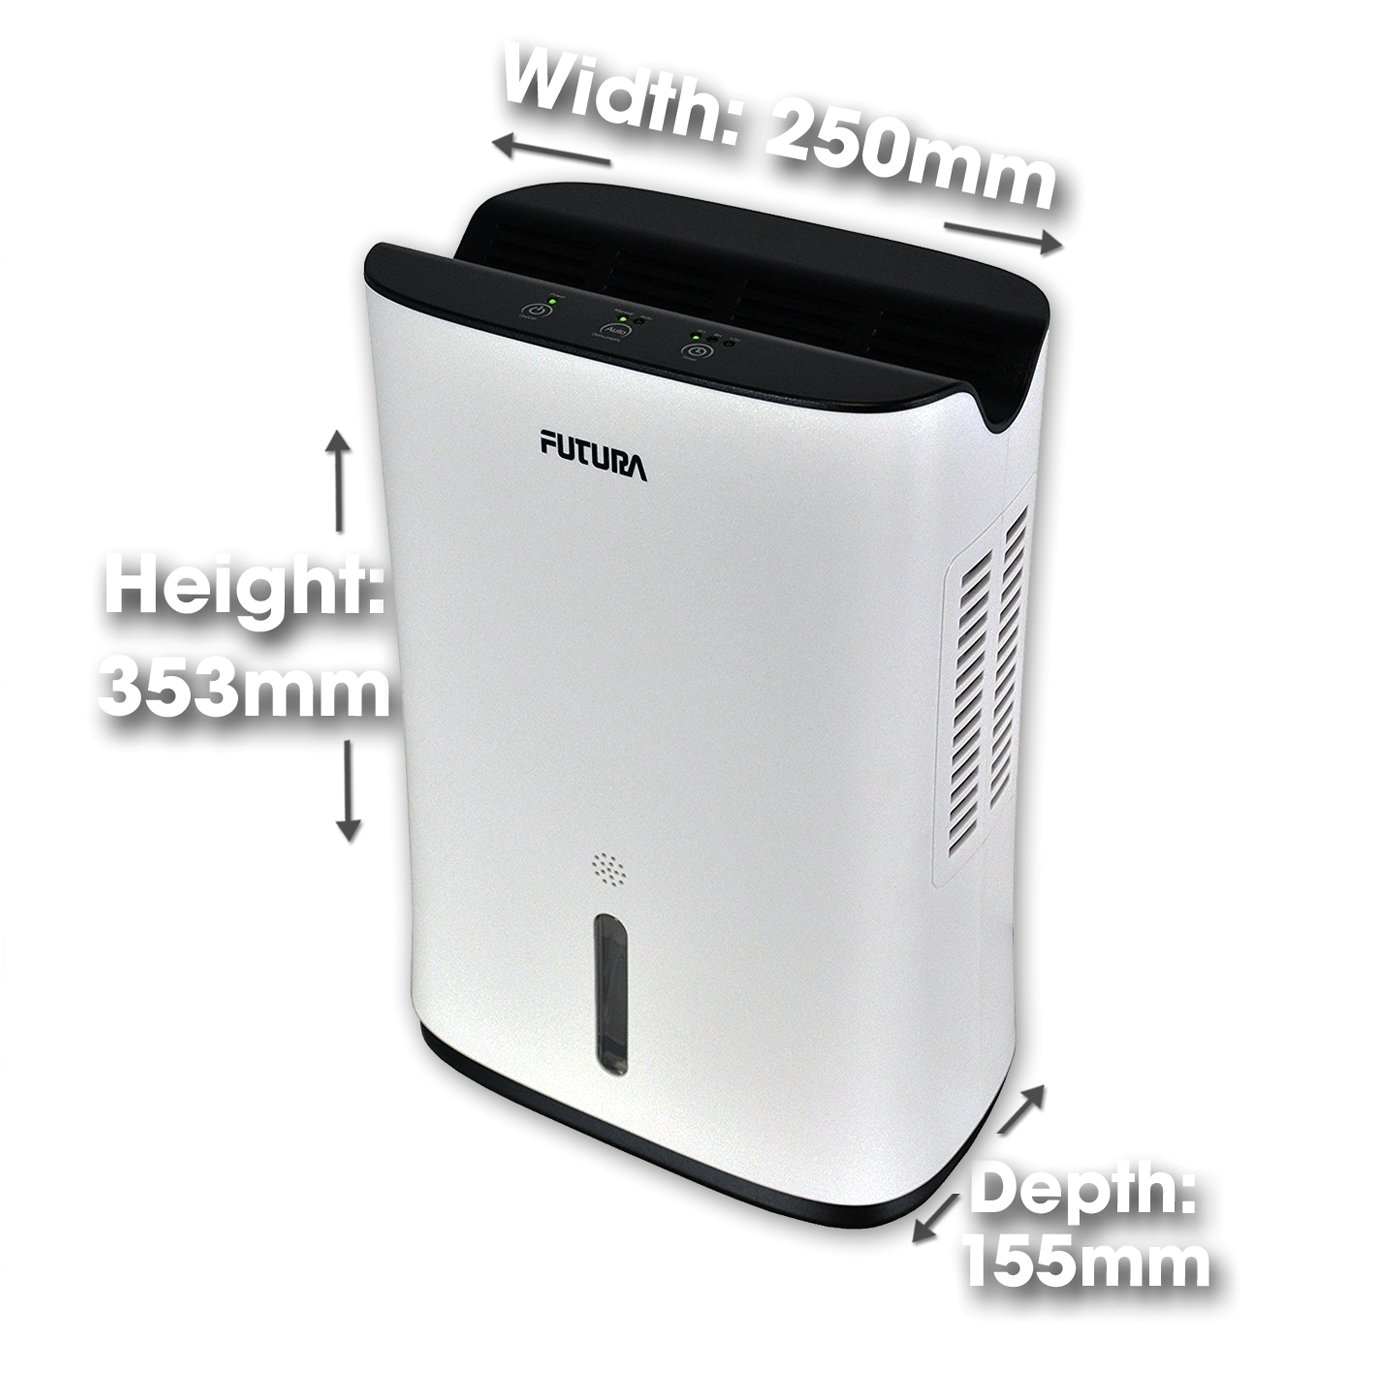 futura direct futura 2l compact portable air dehumidifier for mould